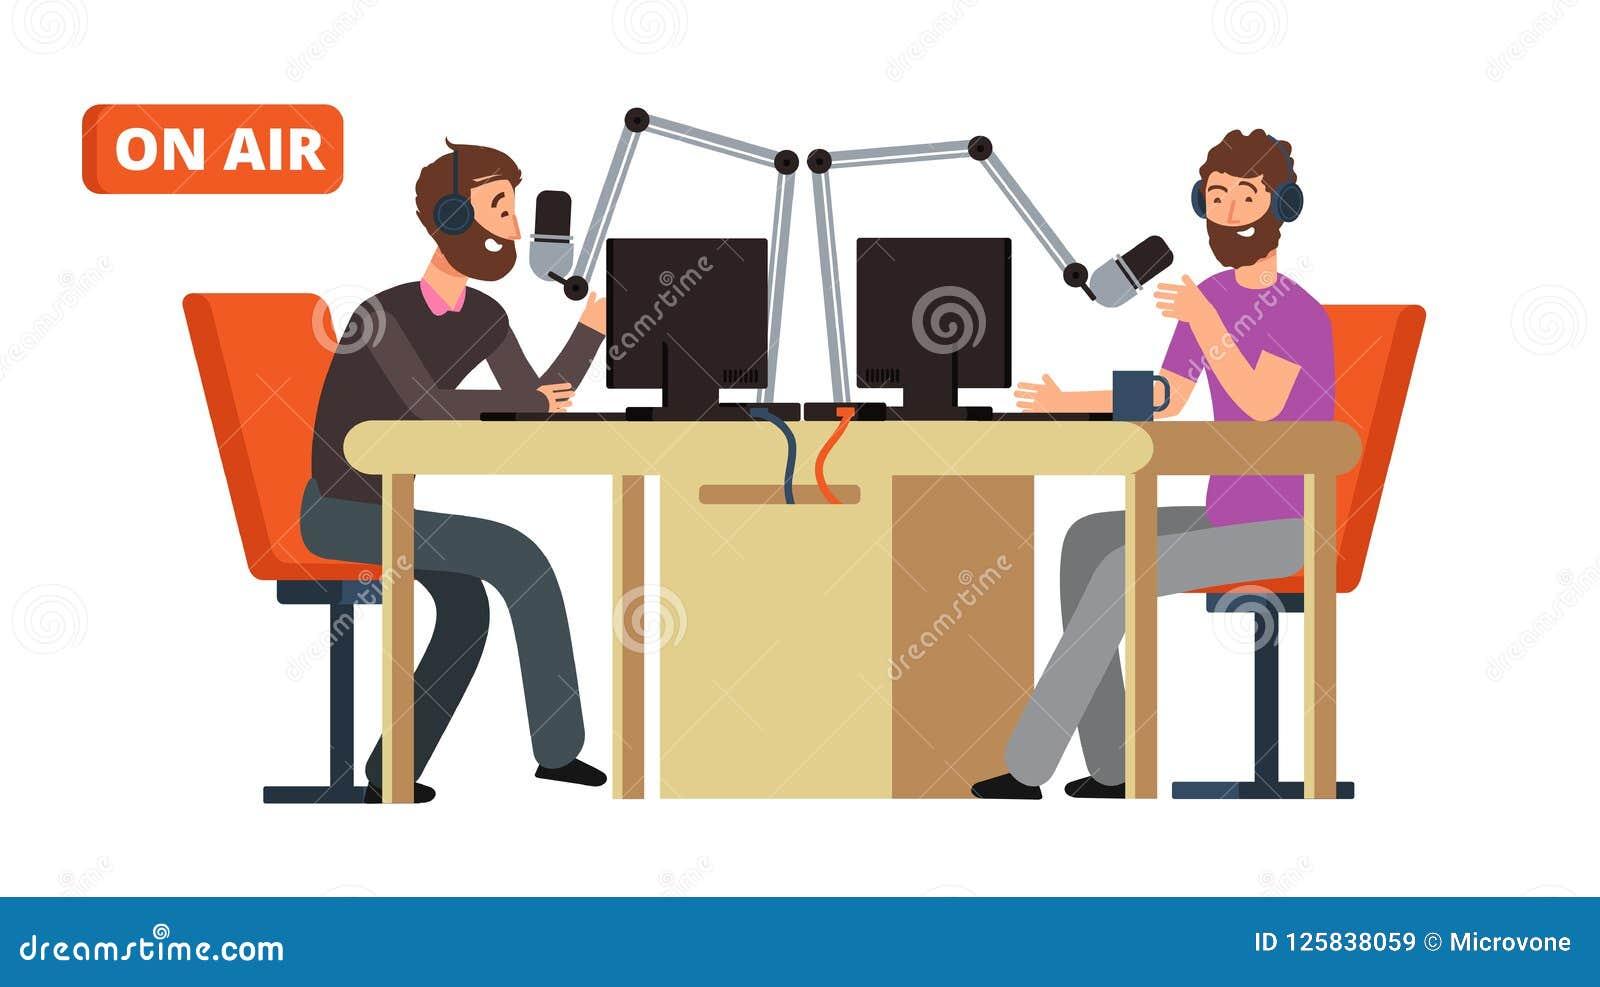 Радиопостановка Радио широковещания dj разговаривая с микрофонами на воздухе Концепция вектора